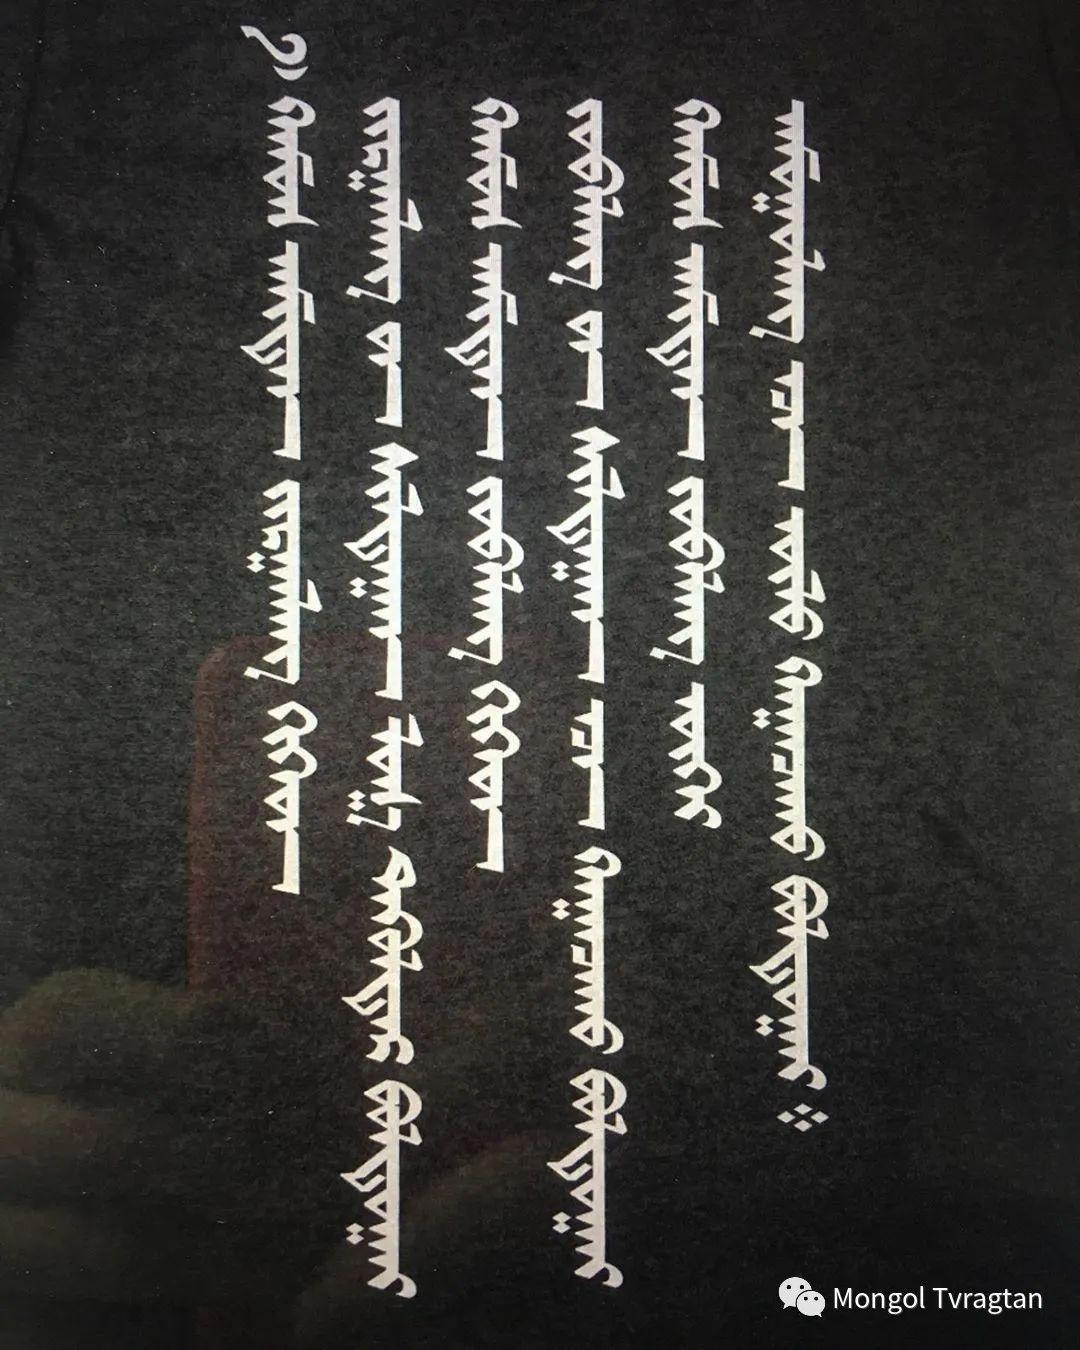 ᠤᠷᠠᠨ ᠪᠢᠴᠢᠯᠭᠡ 第22张 ᠤᠷᠠᠨ ᠪᠢᠴᠢᠯᠭᠡ 蒙古书法